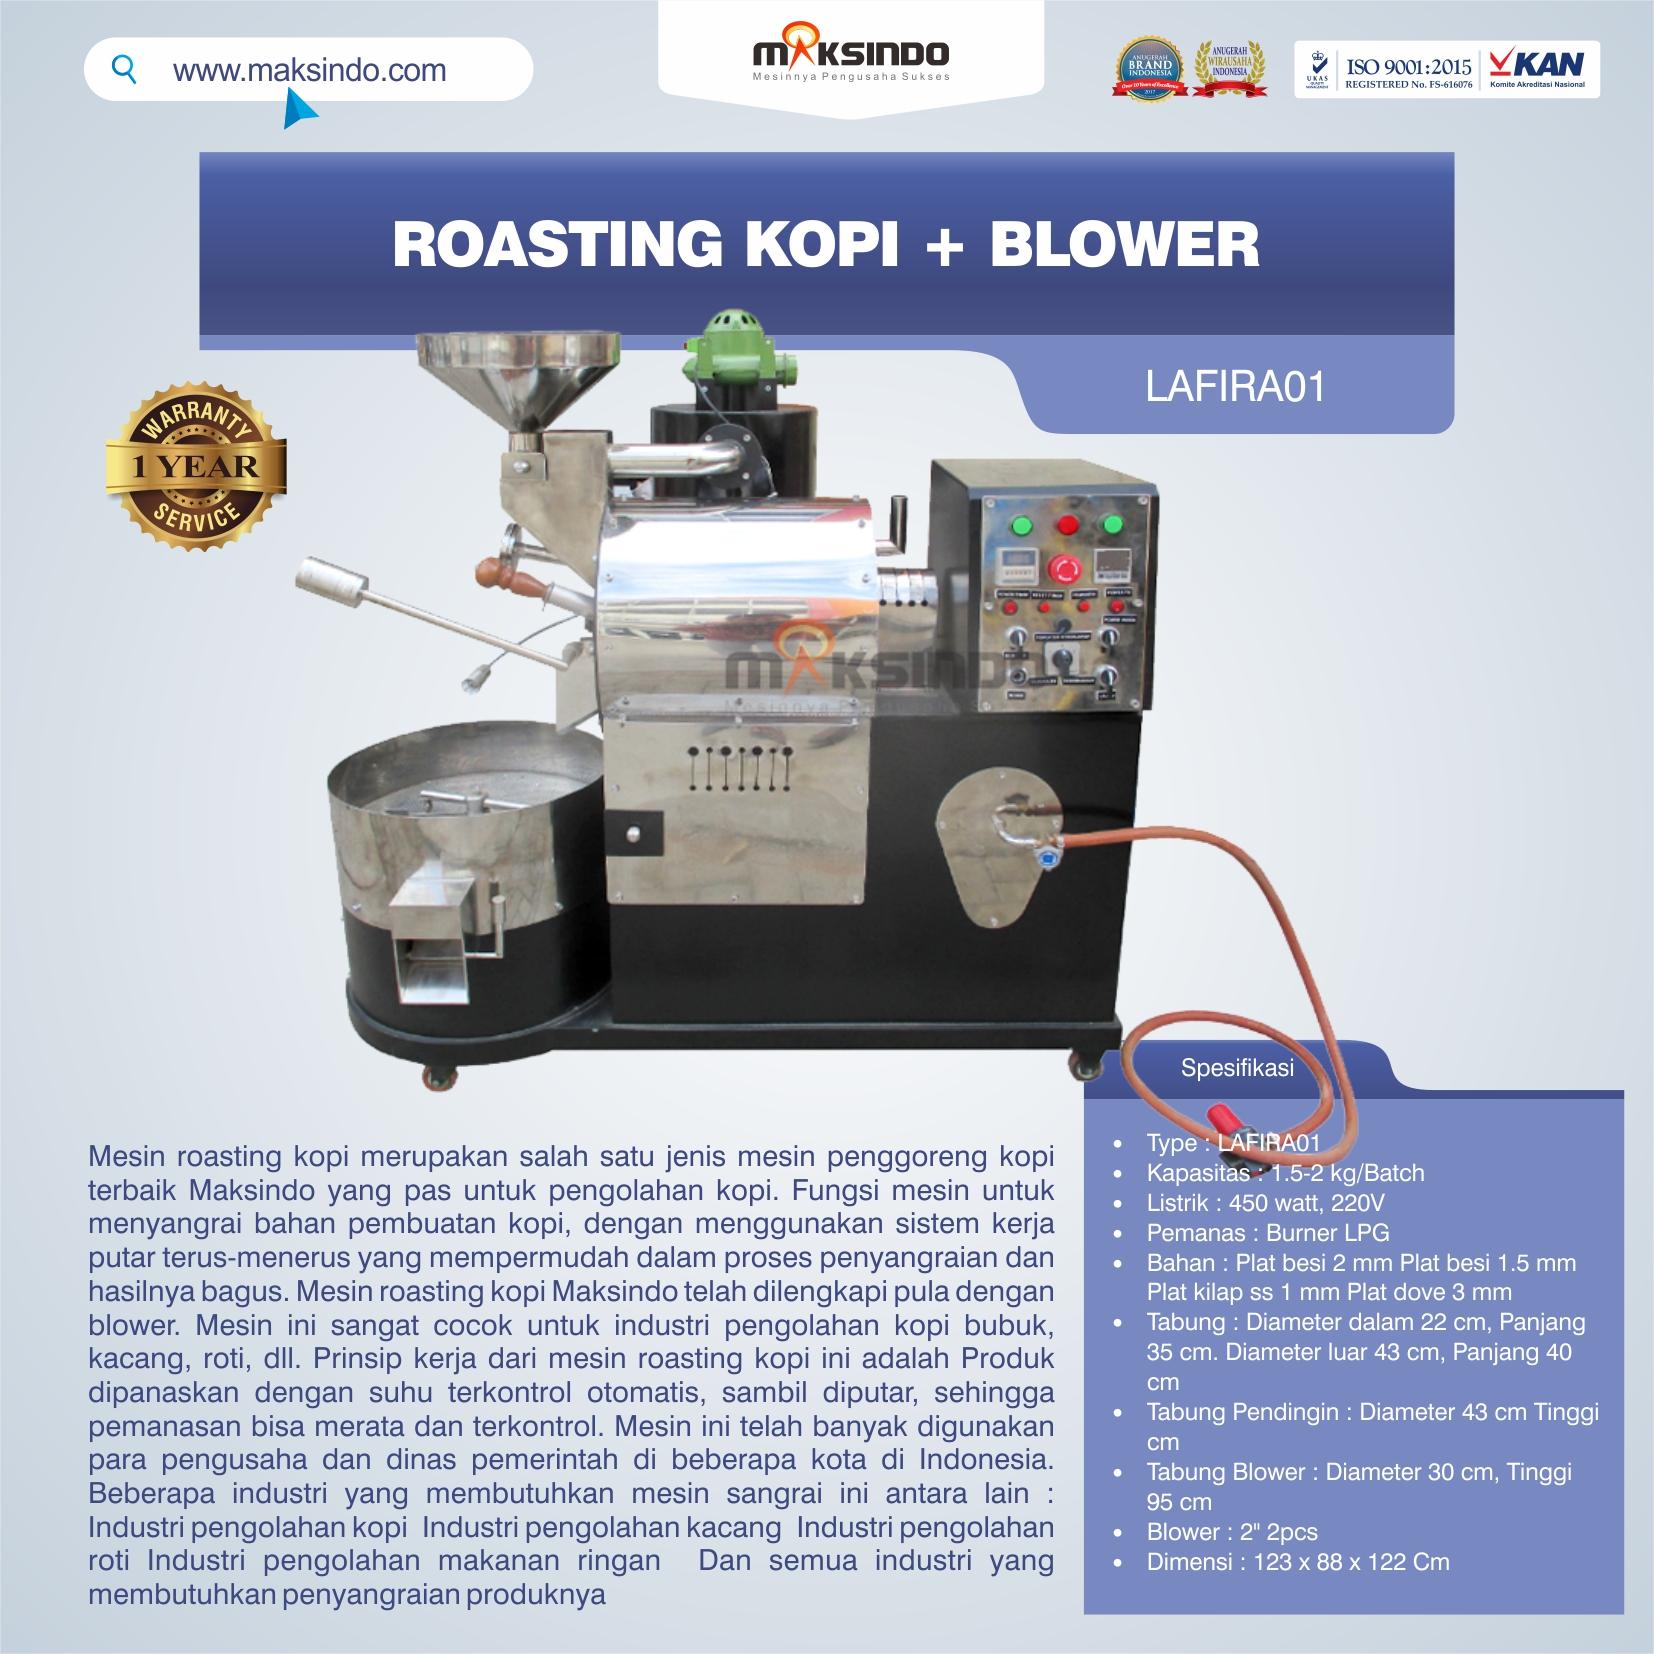 Jual Roasting Kopi + Blower LAFIRA01 di Bogor